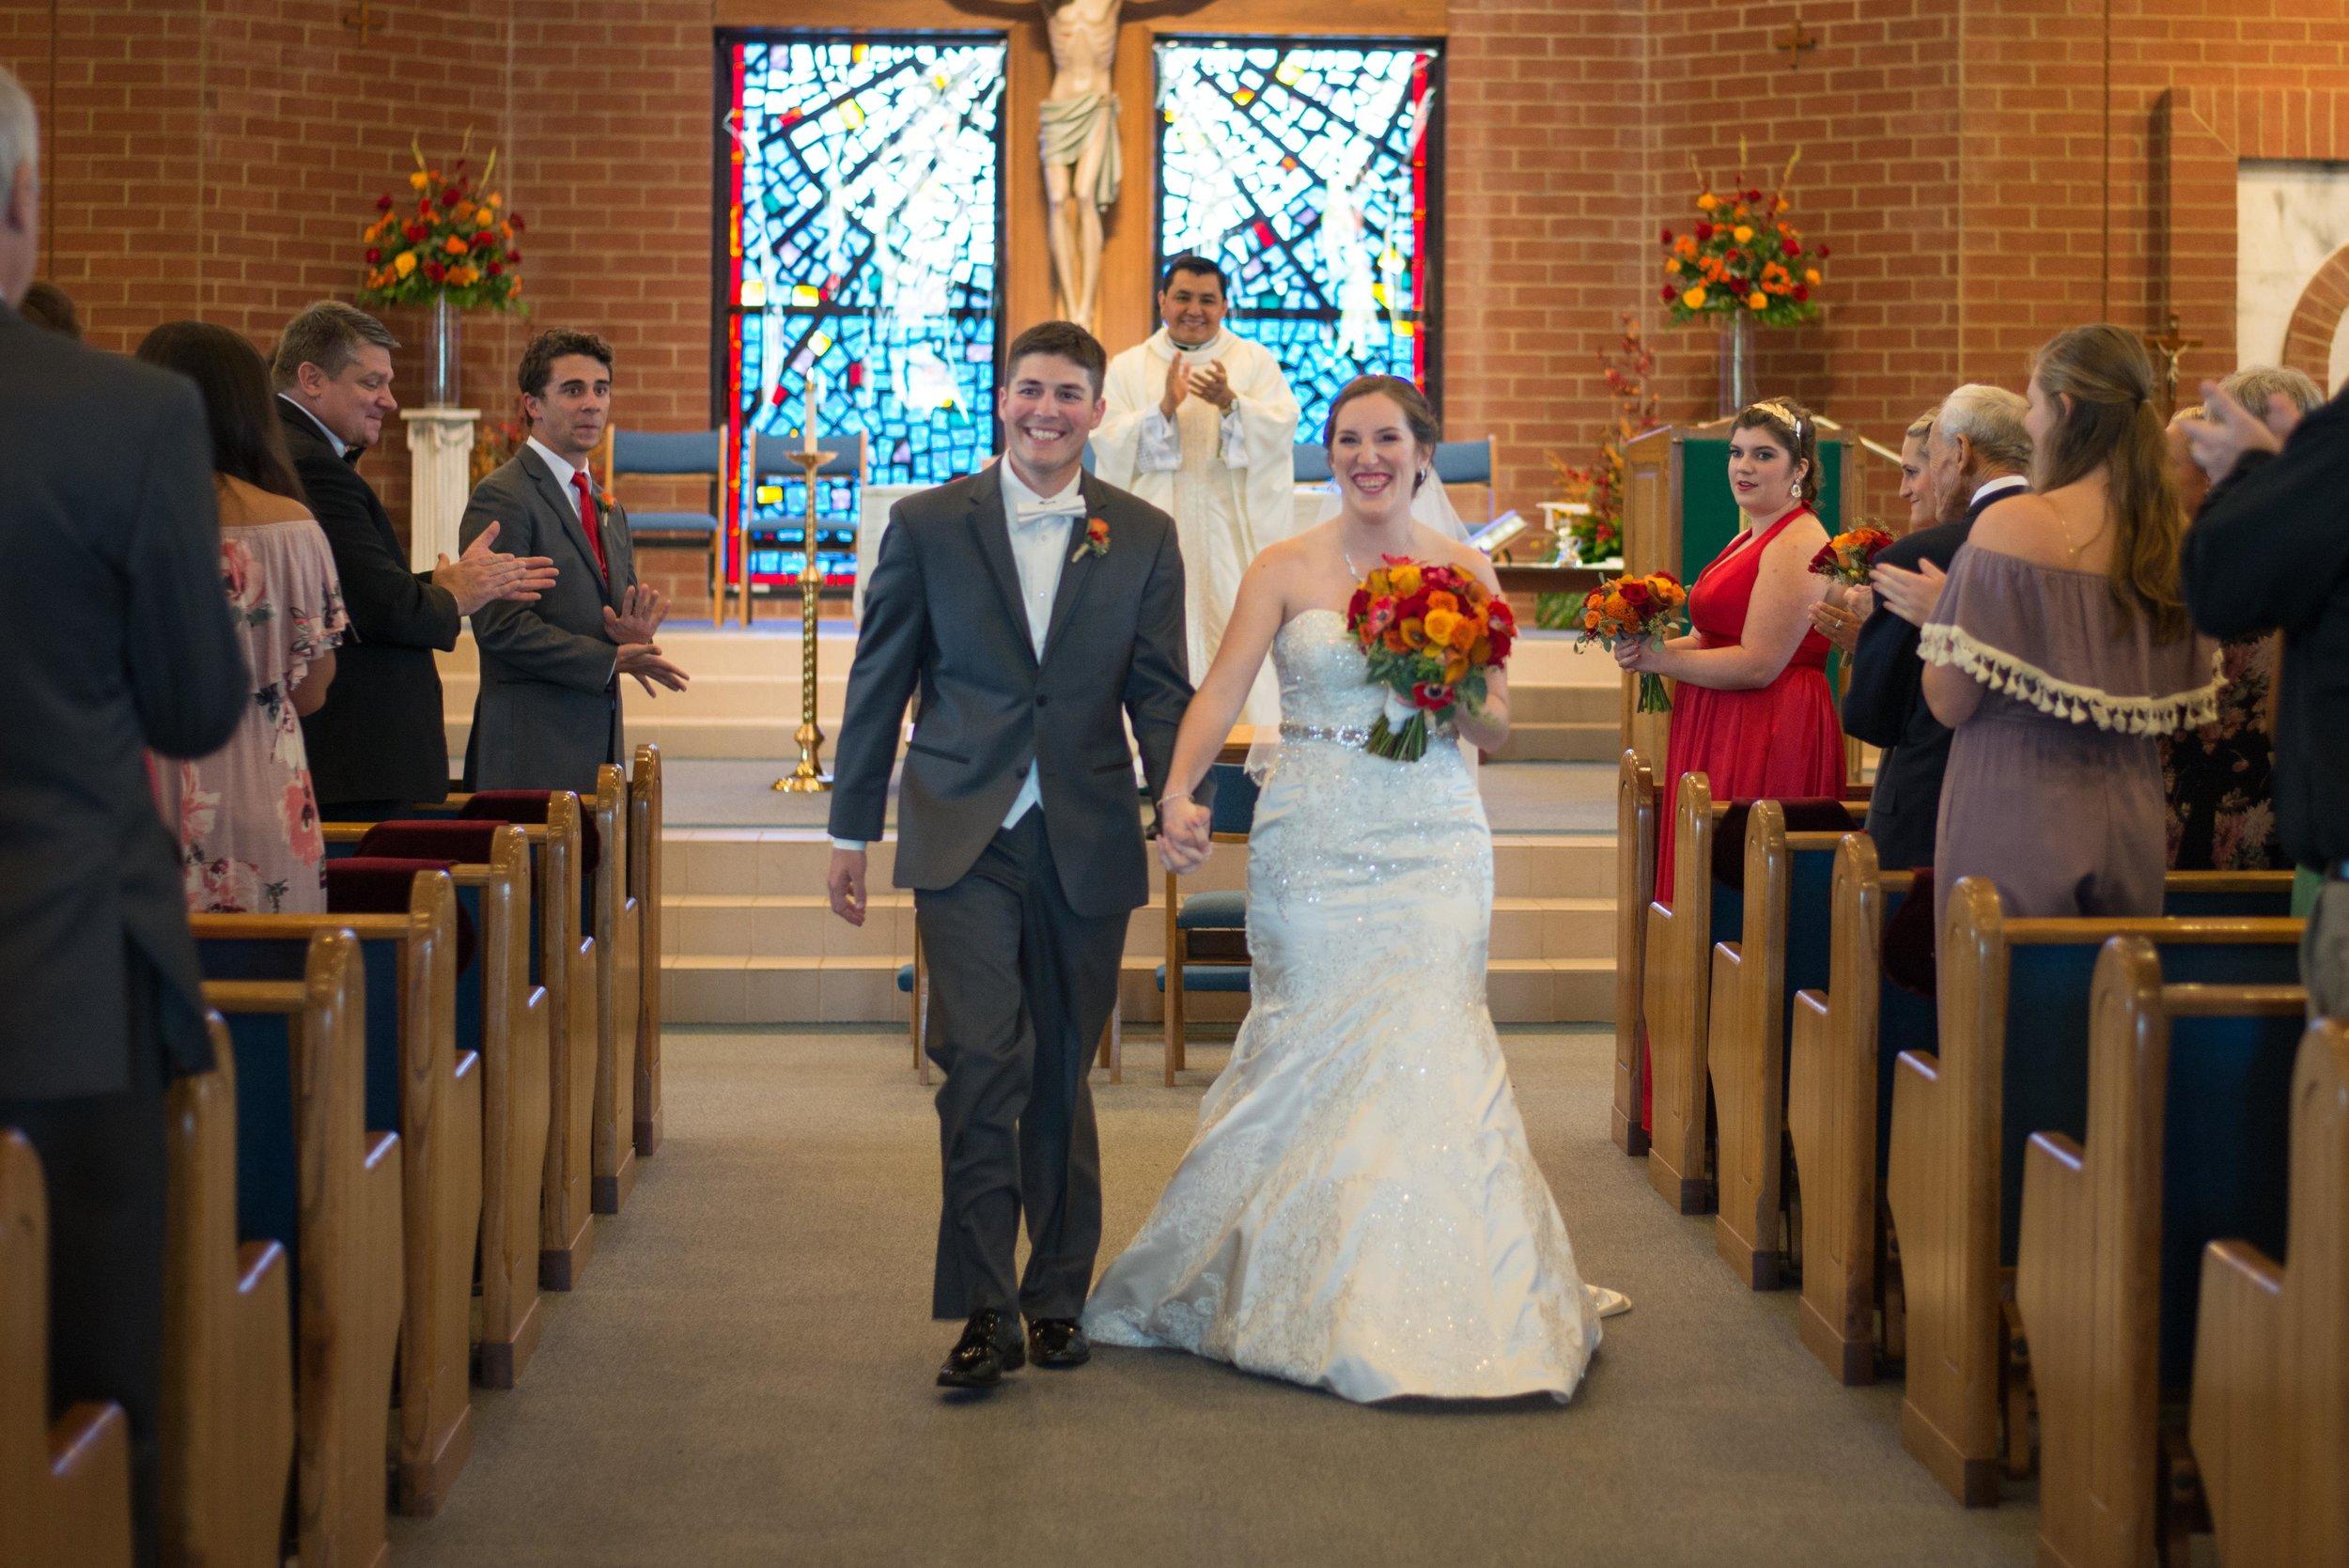 00001_Adams-Wedding-45.jpg